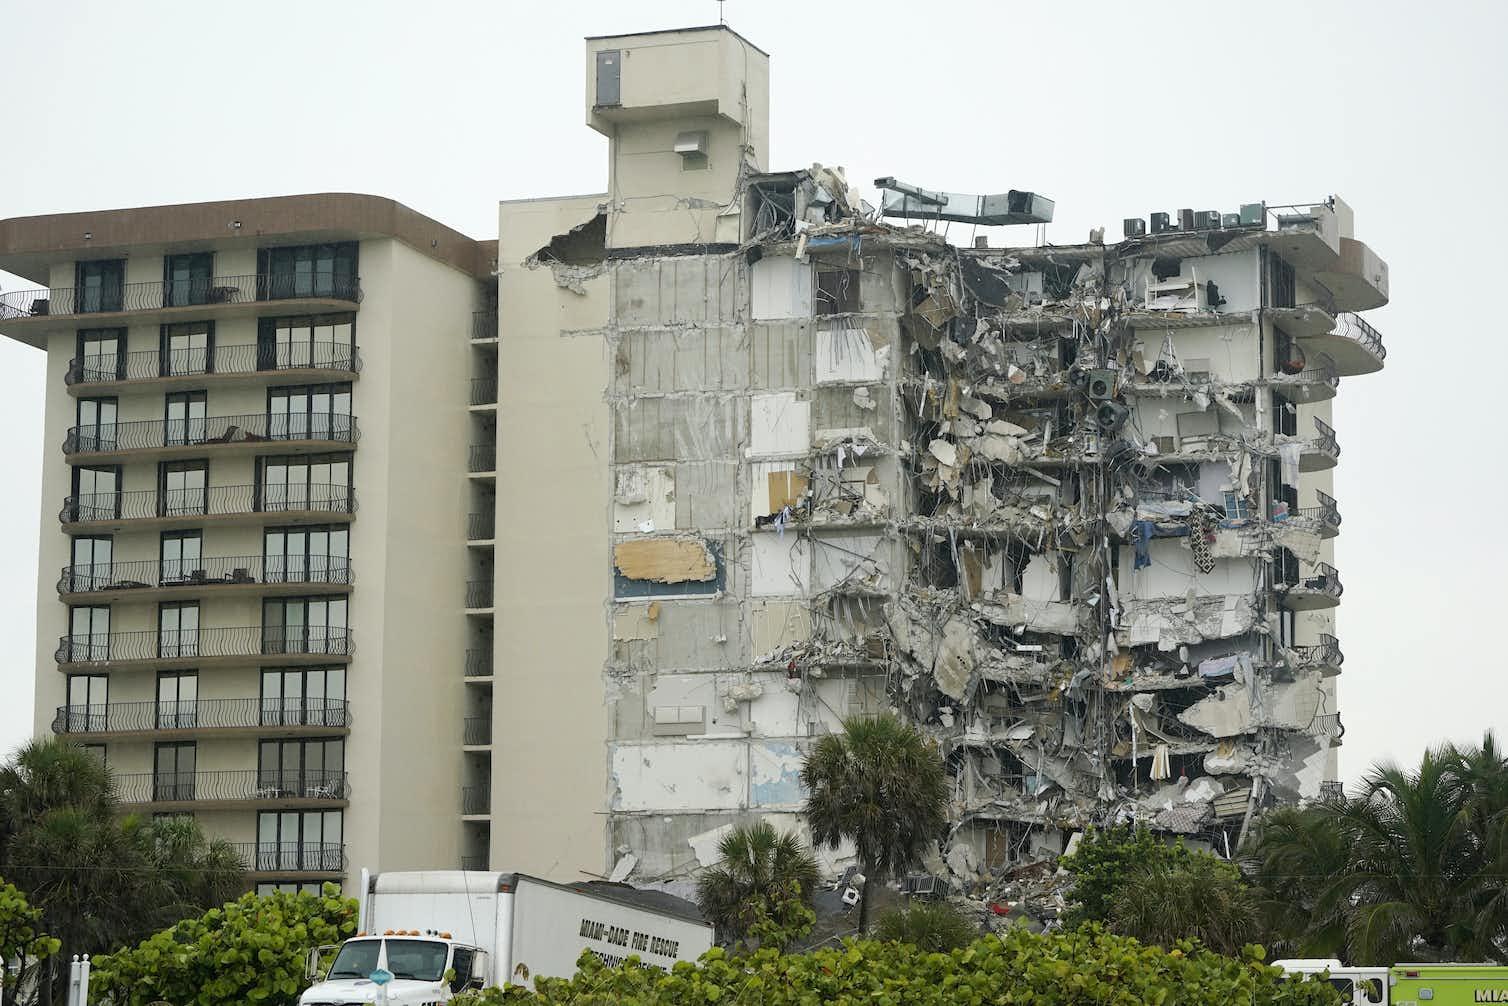 Рухнувший дом в Майами и наши курорты - что общего?